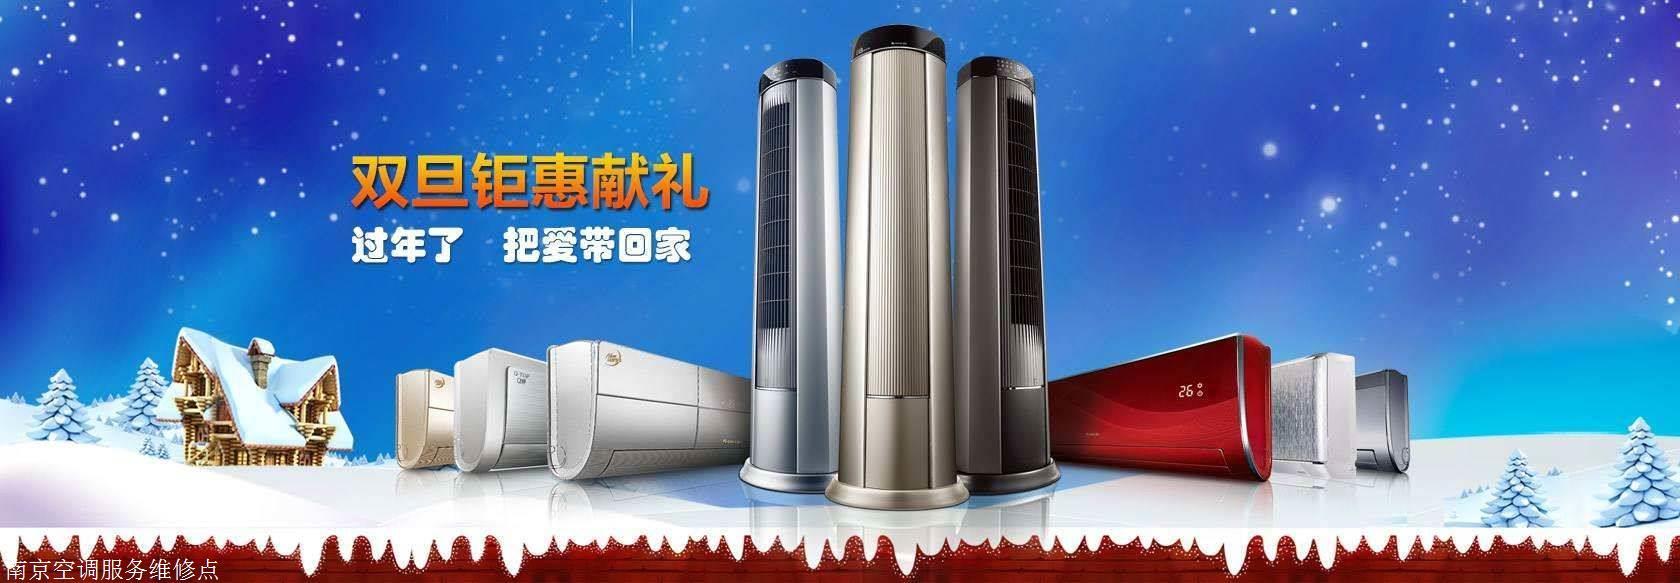 南京格力空调售后 格力空中央空调清洗保养服务 中心